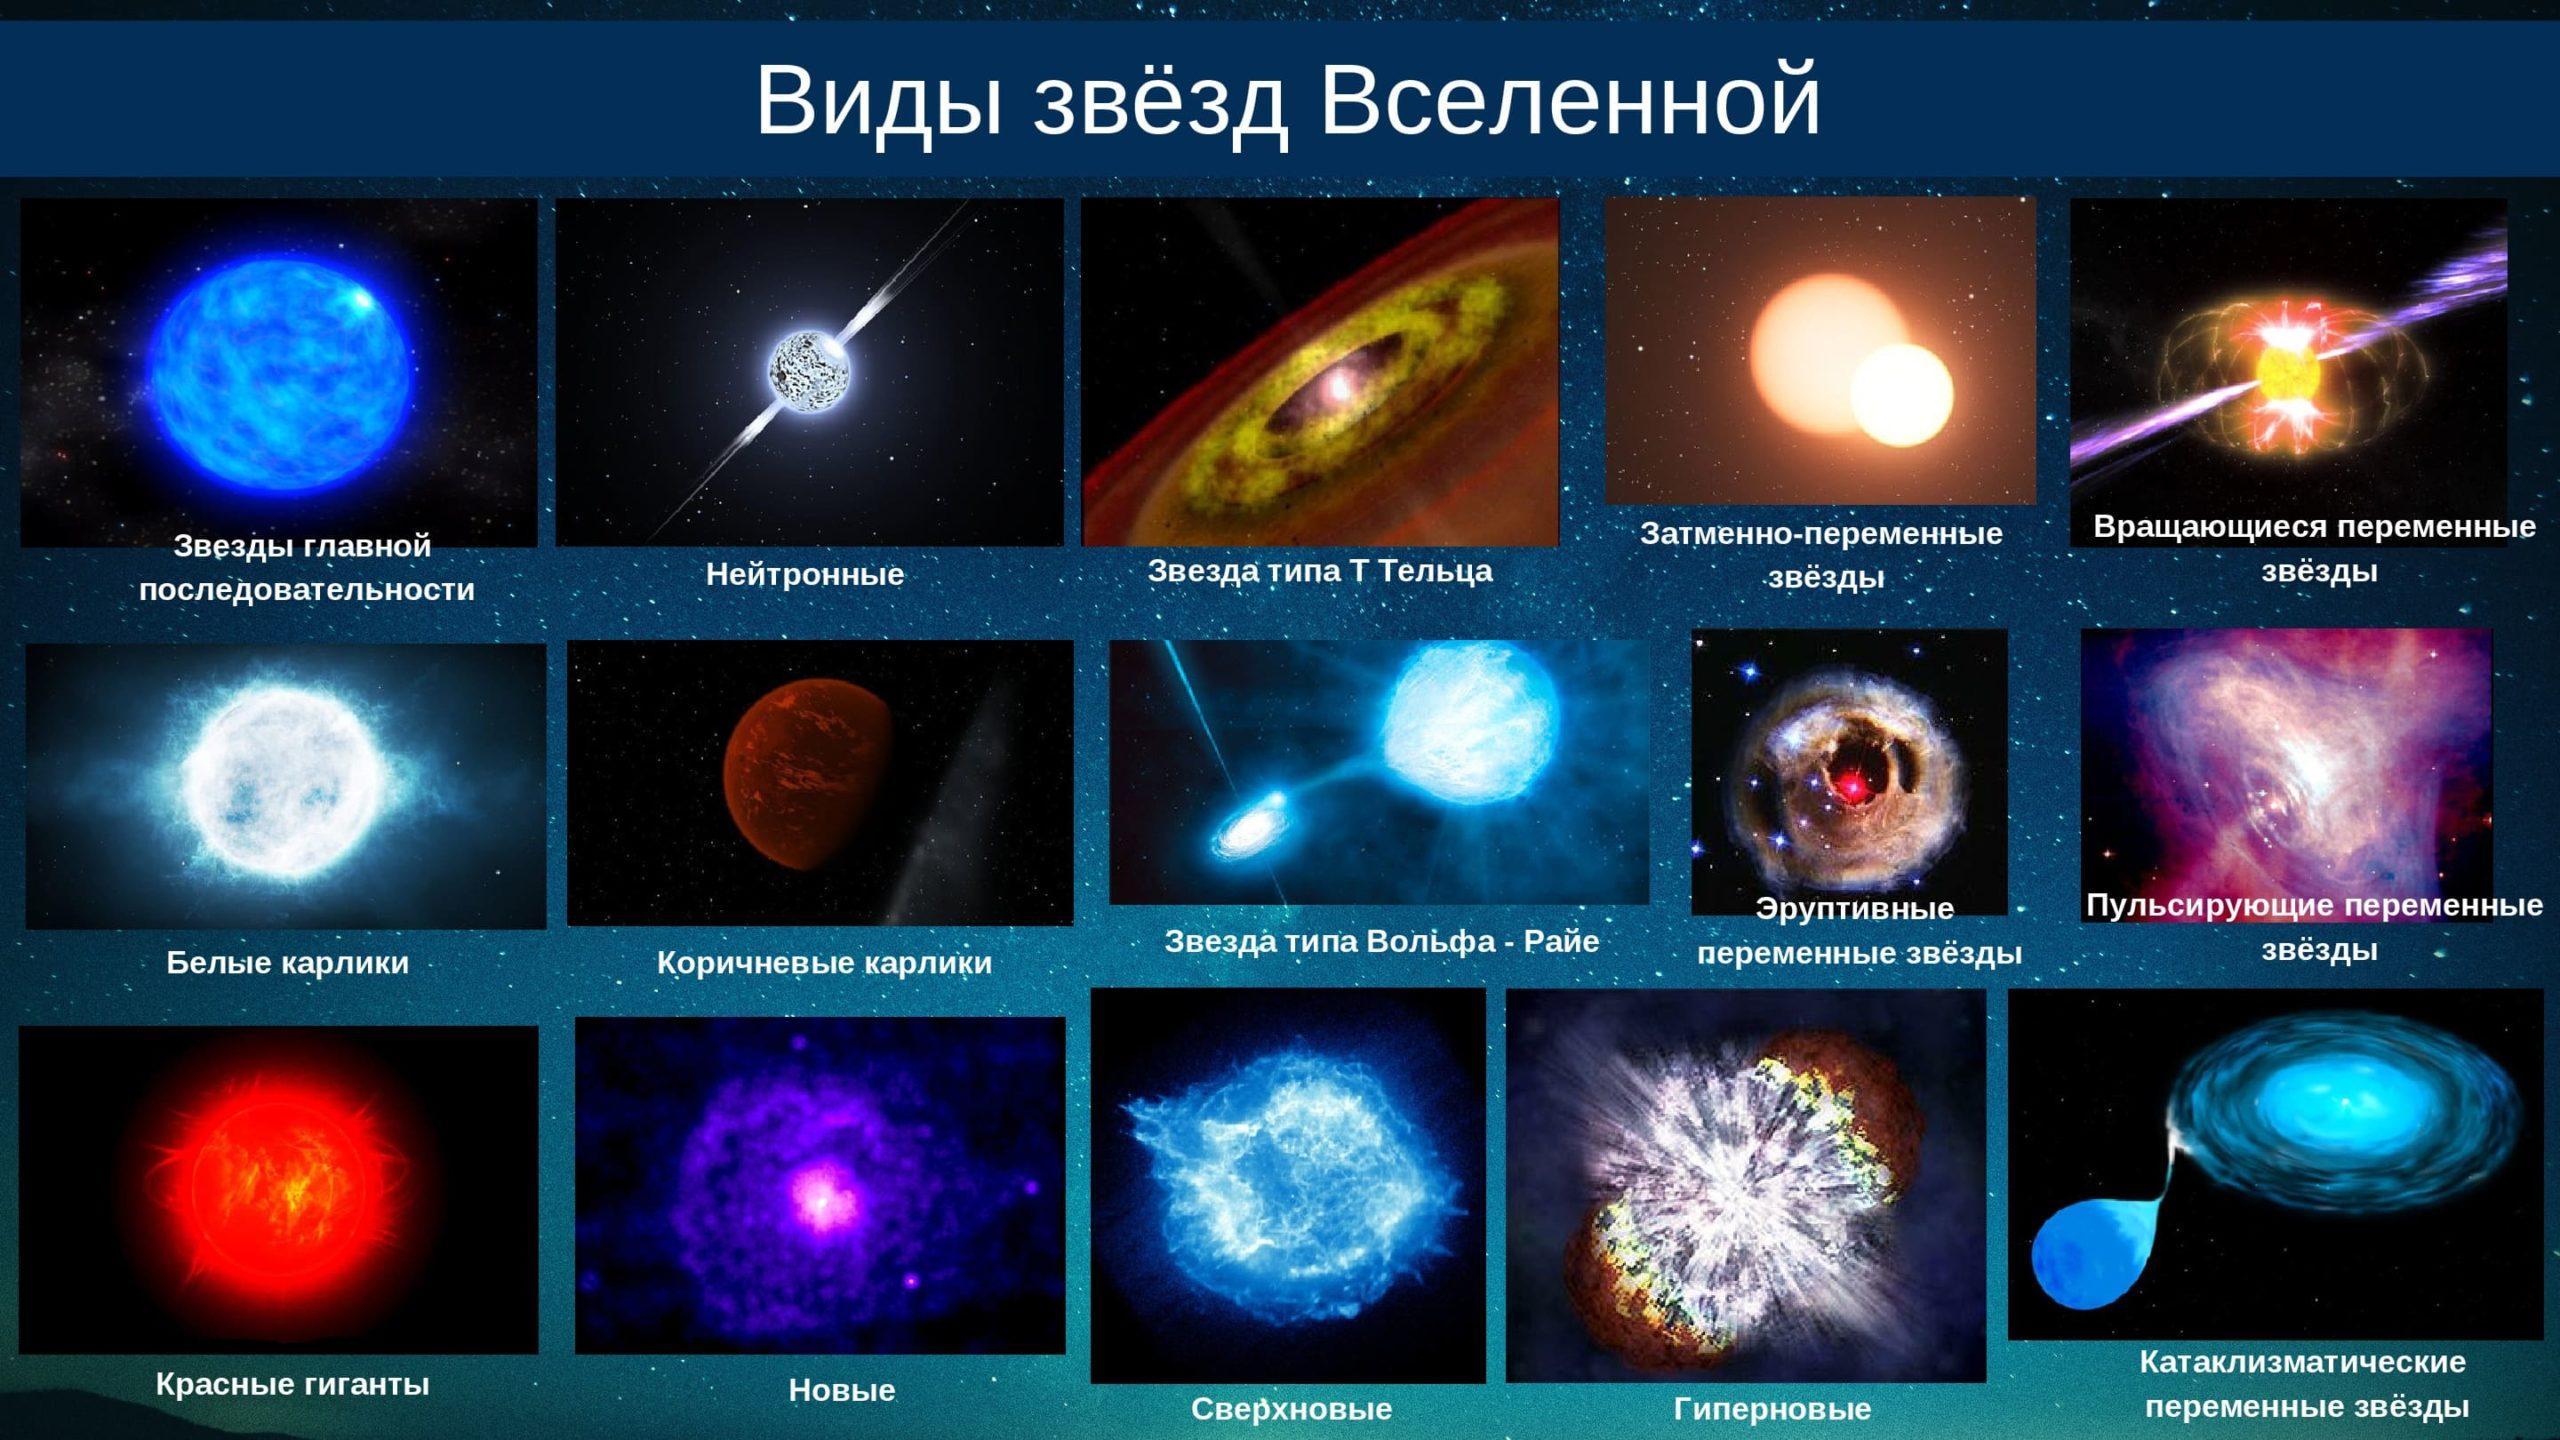 Виды звёзд Вселенной